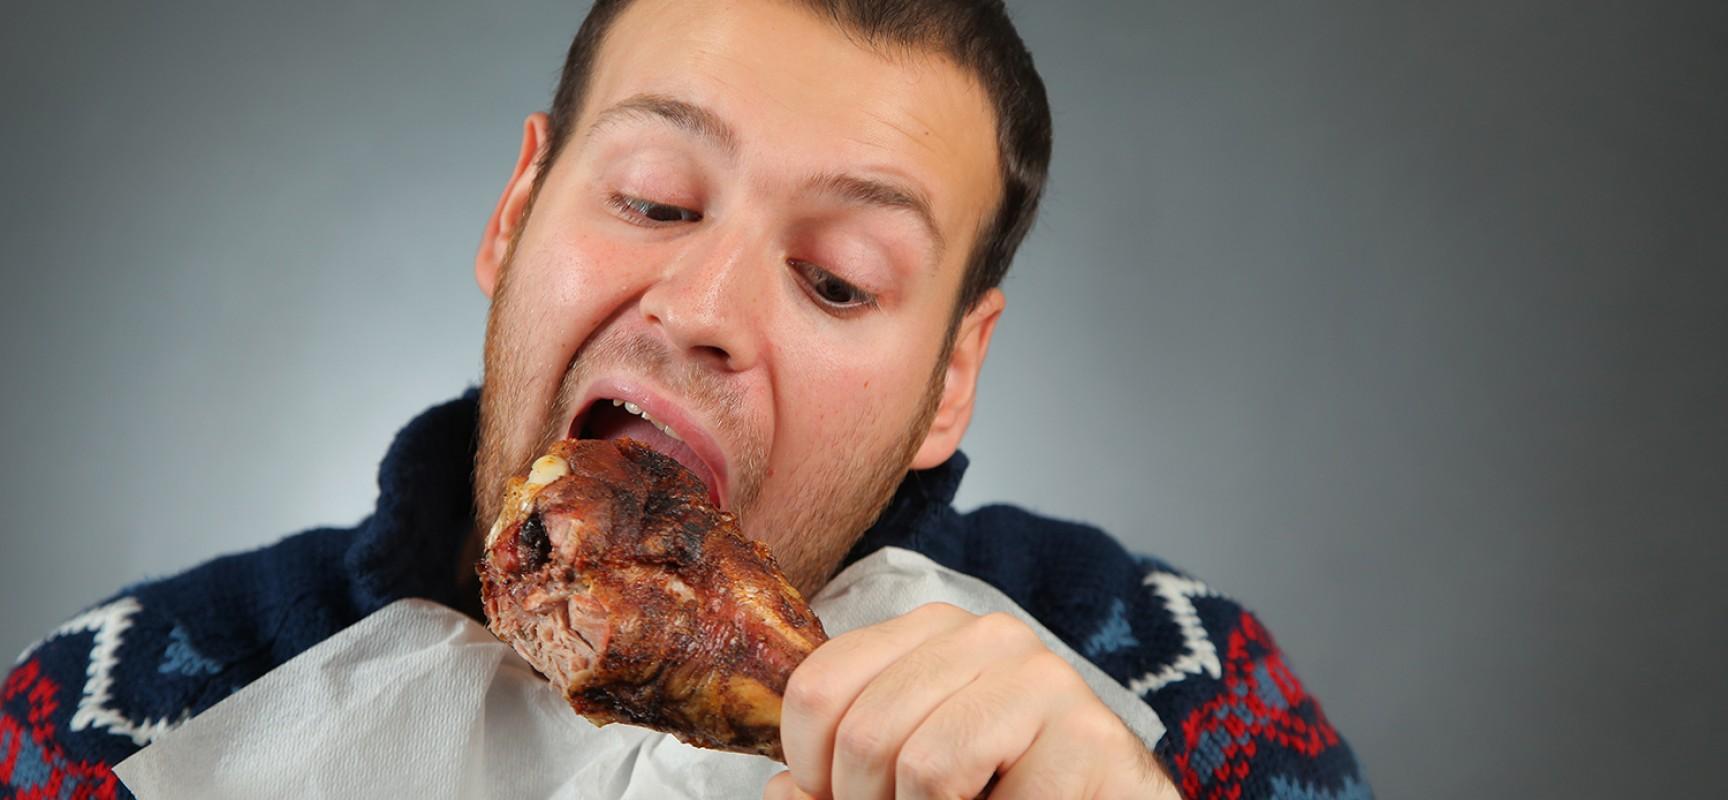 Comer carne pode aumentar risco de demência, avalia pesquisa